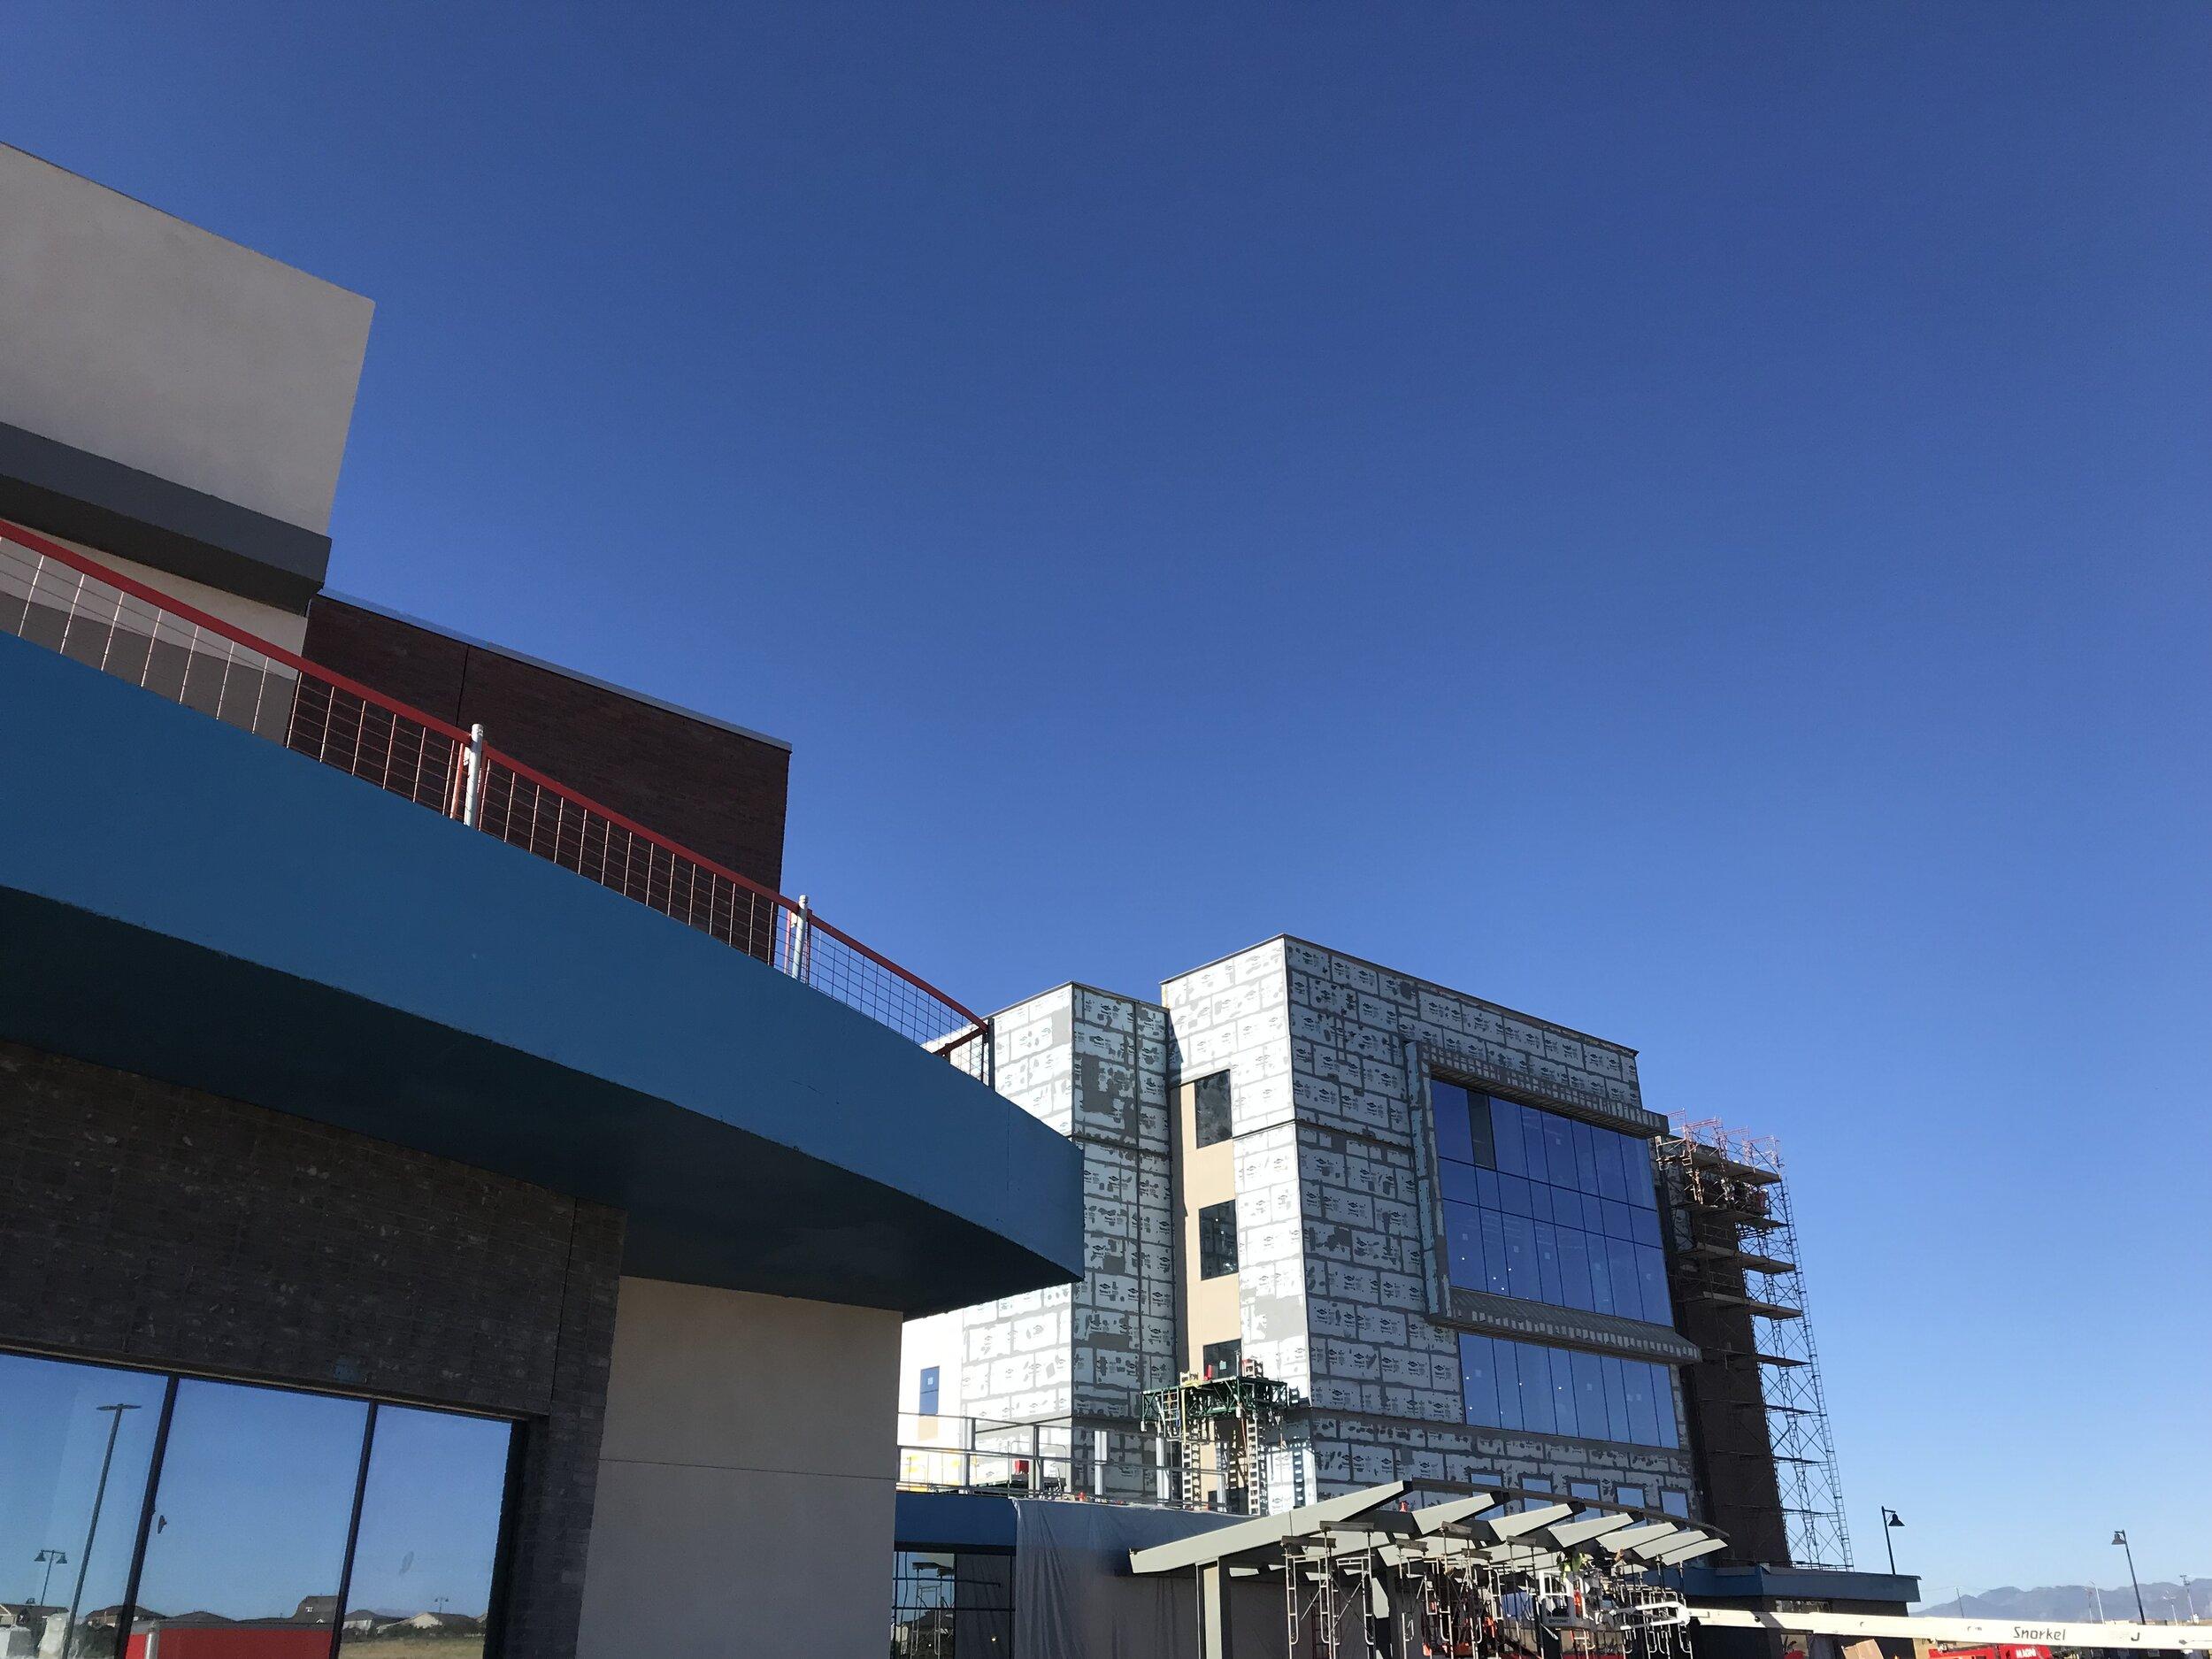 Children's Hospital Broomfield